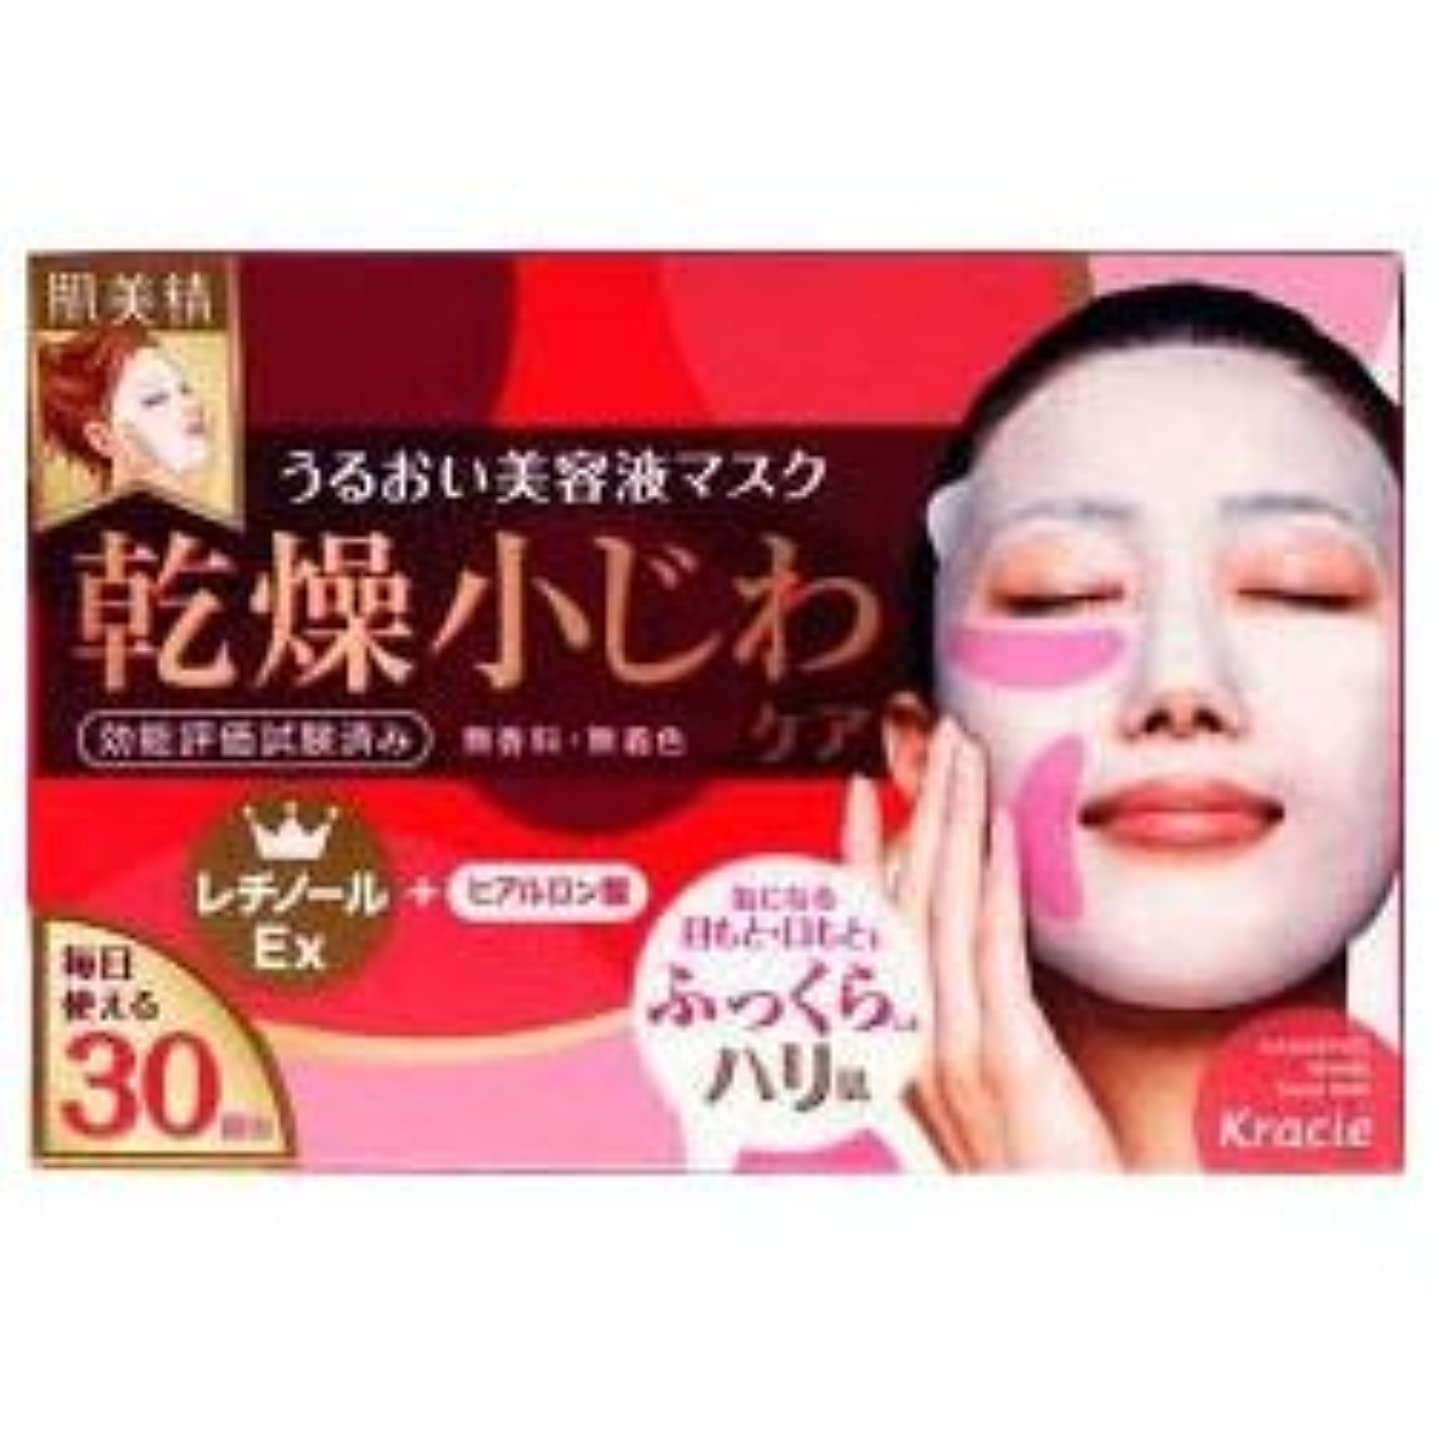 乳剤エチケットオペラ【クラシエ】肌美精 デイリーリンクルケア美容液マスク 30枚 ×20個セット